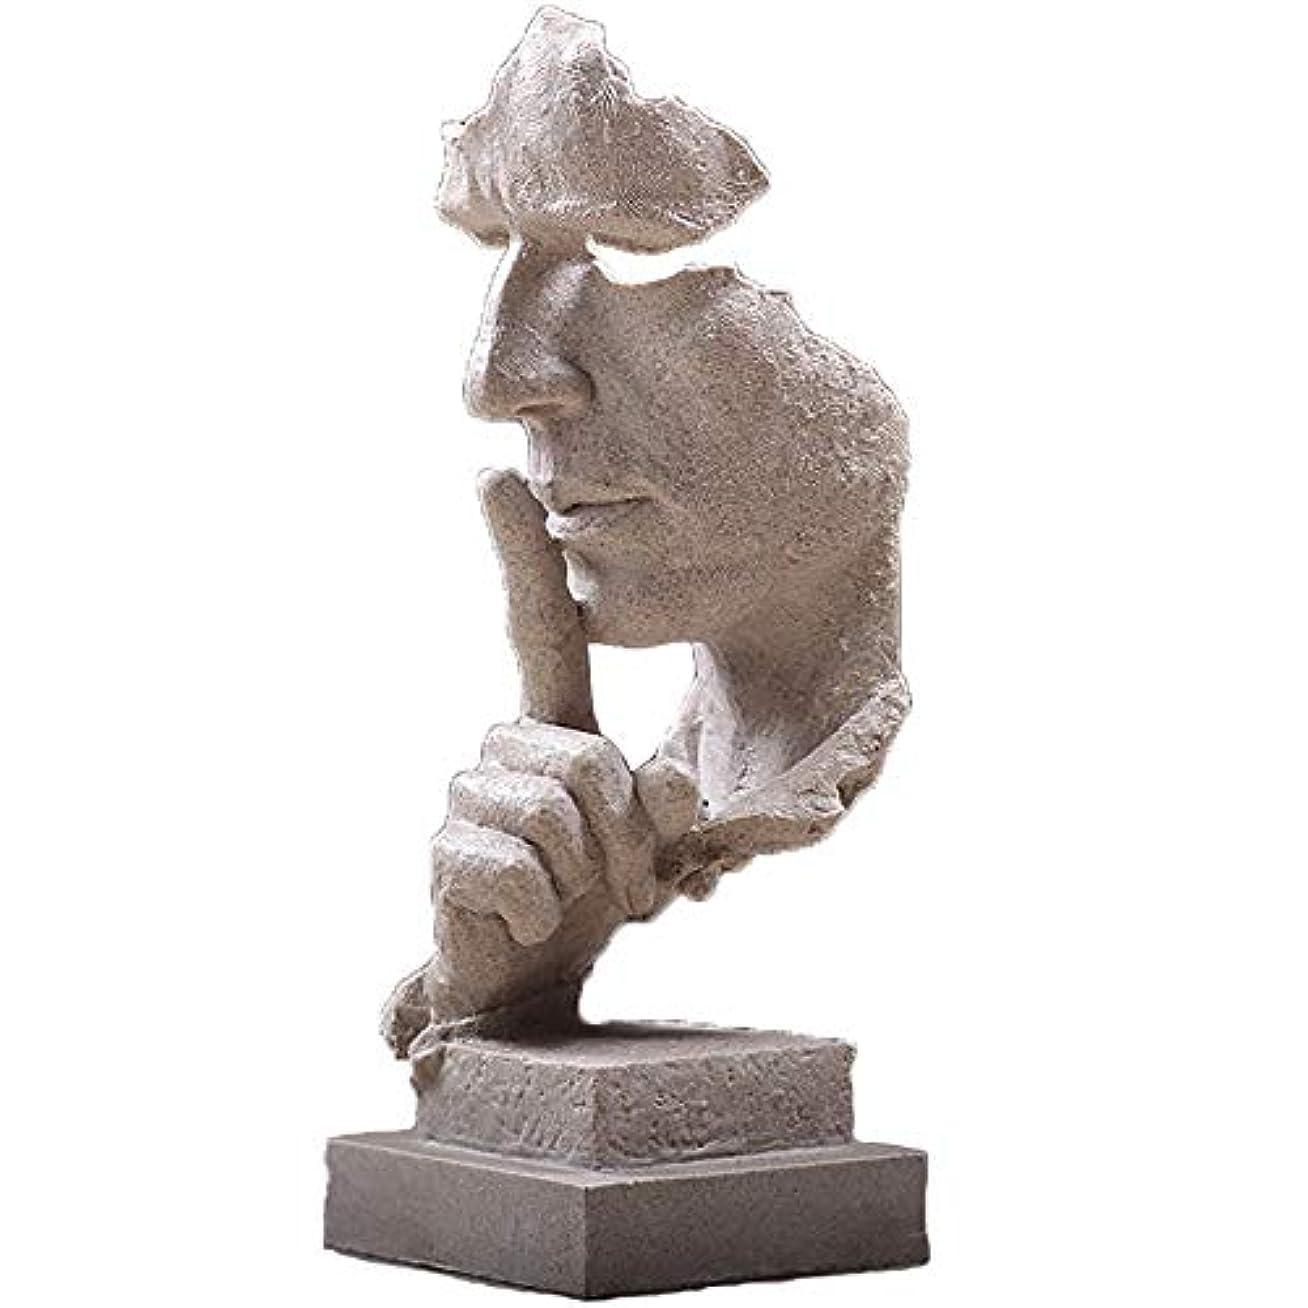 クレーター見ました助けになる樹脂抽象彫刻沈黙はゴールデン男性像キャラクター工芸品装飾用オフィスリビングルームアートワーク,White